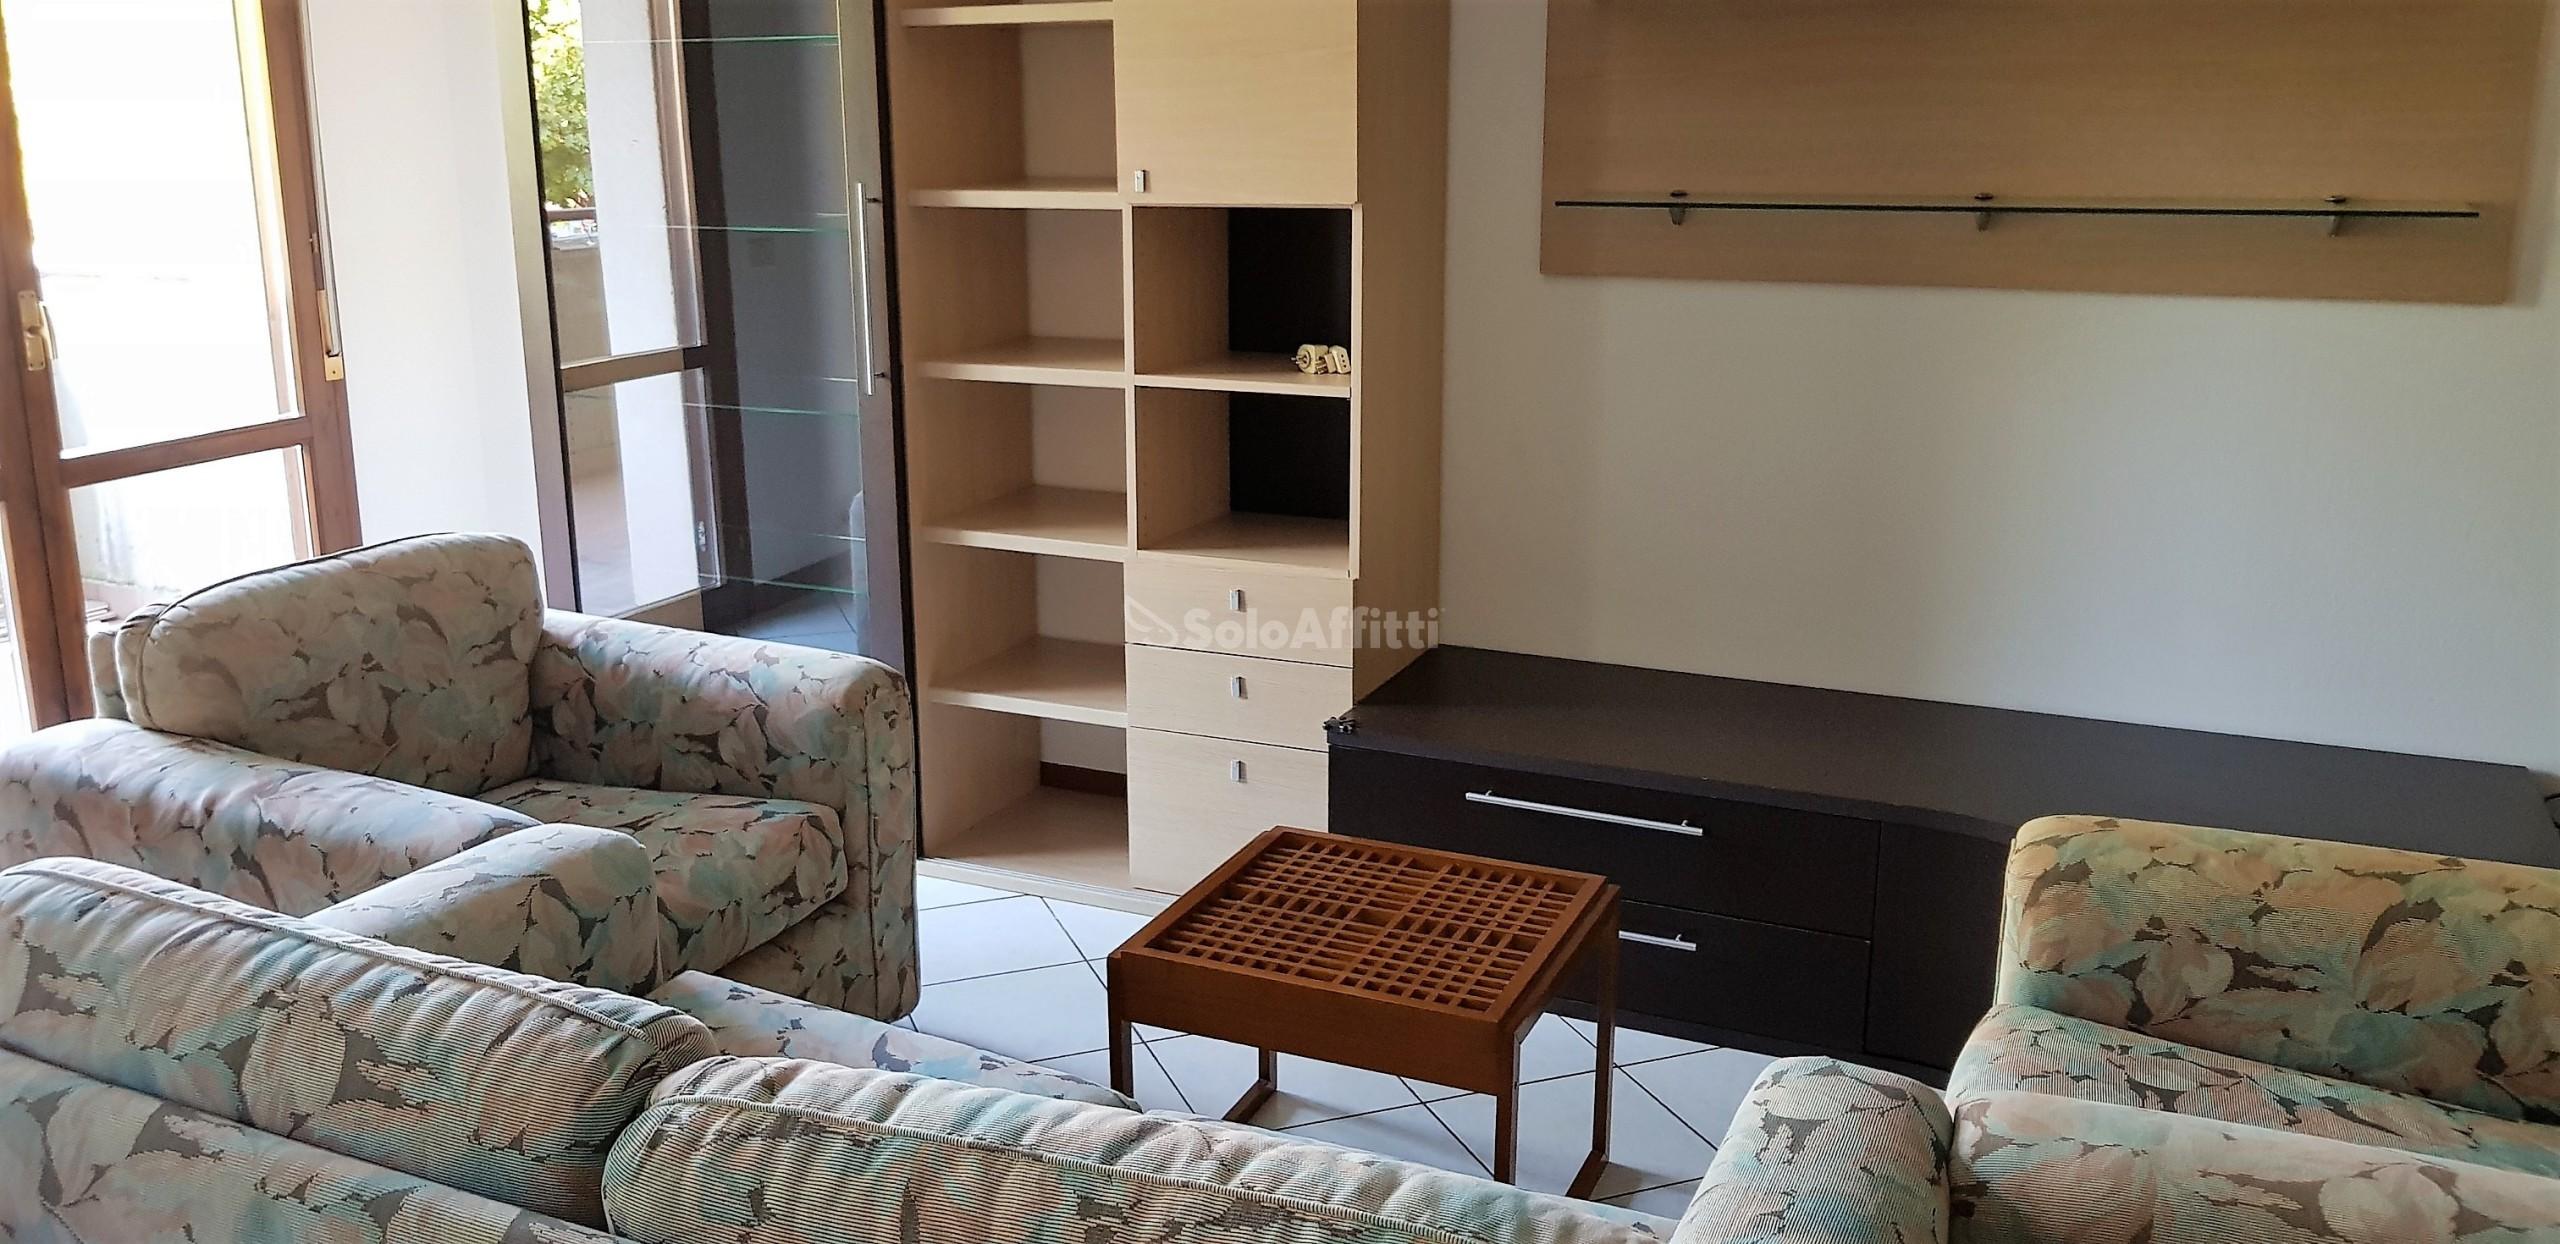 Appartamento Trilocale Arredato 90 mq.